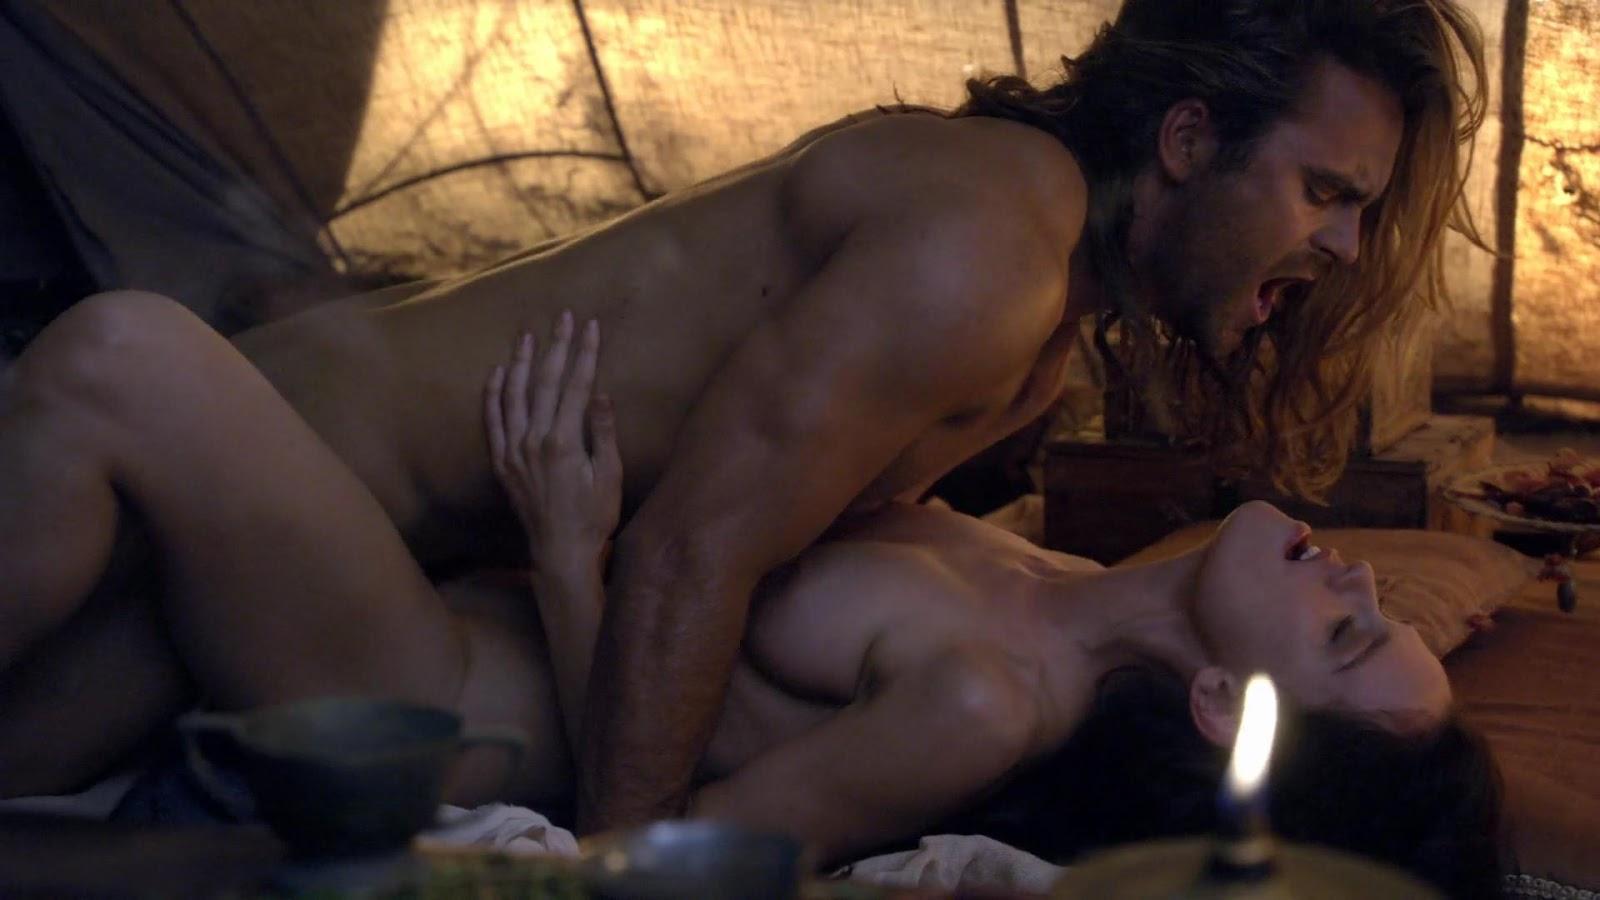 Смотреть Фильмы Онлайн В Хорошем Качестве Эротика 21 Измена Жен